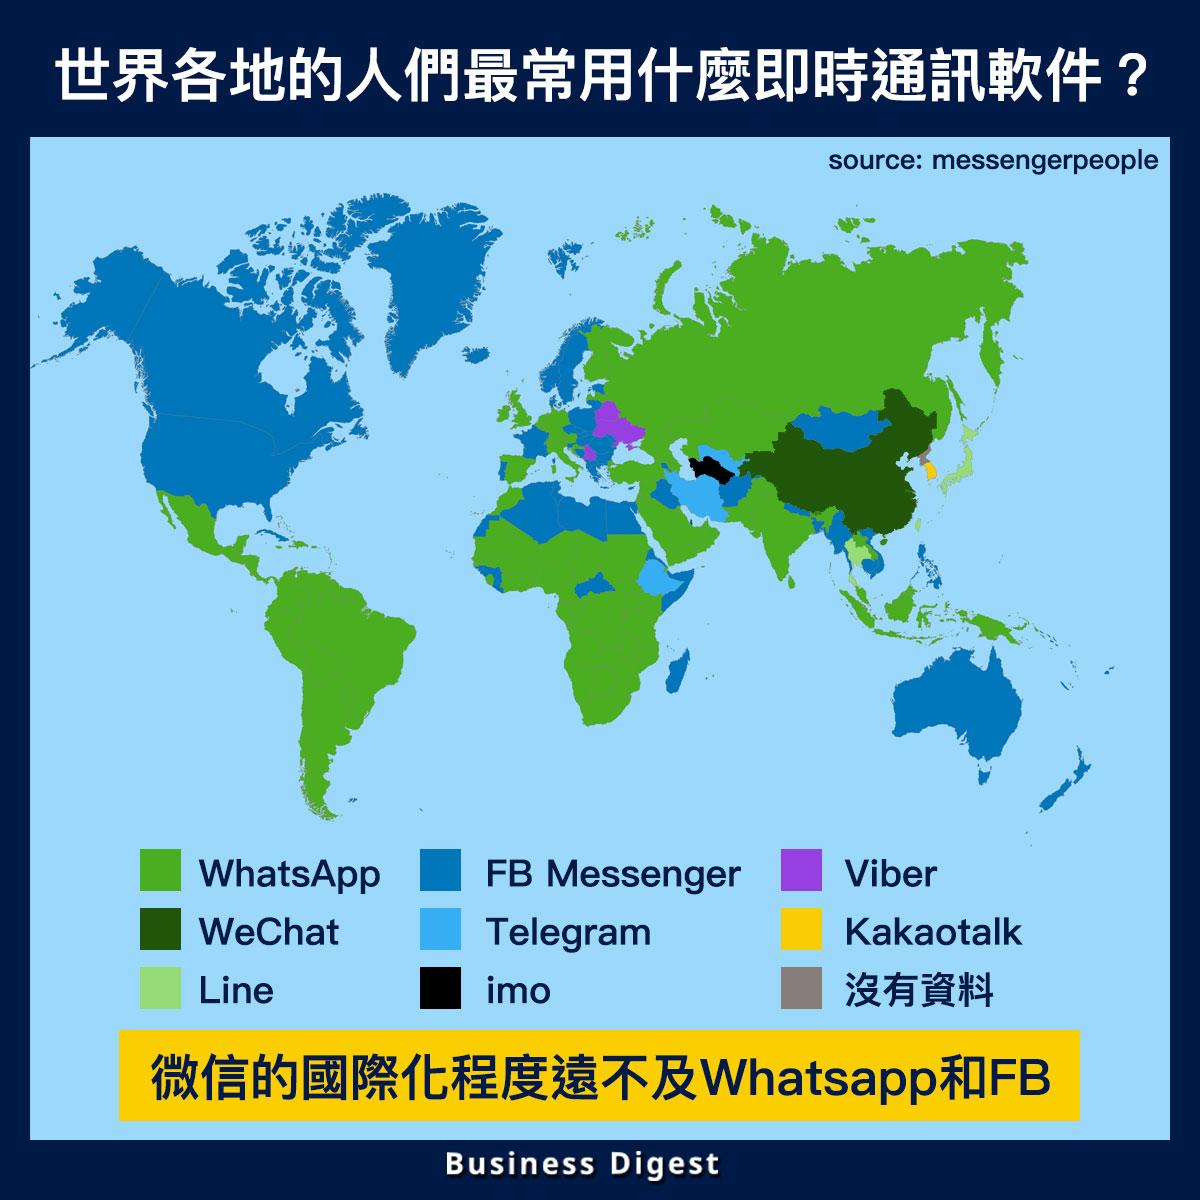 【從數據認識經濟】世界各地的人們最常用什麼即時通訊軟件?